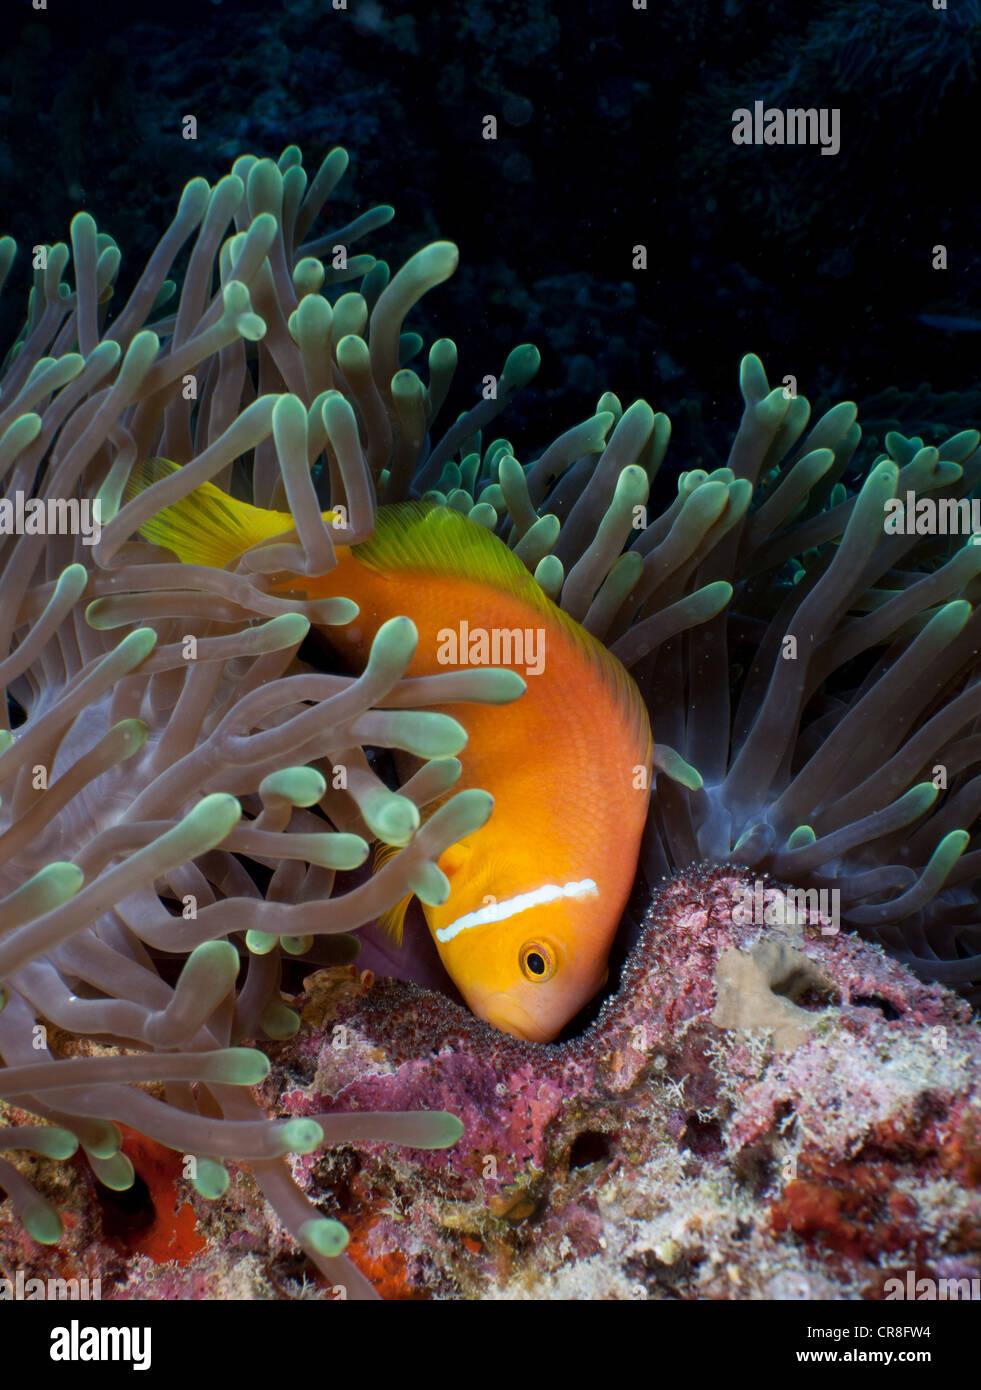 Anemonenfische Bewachung Eiern Stockbild